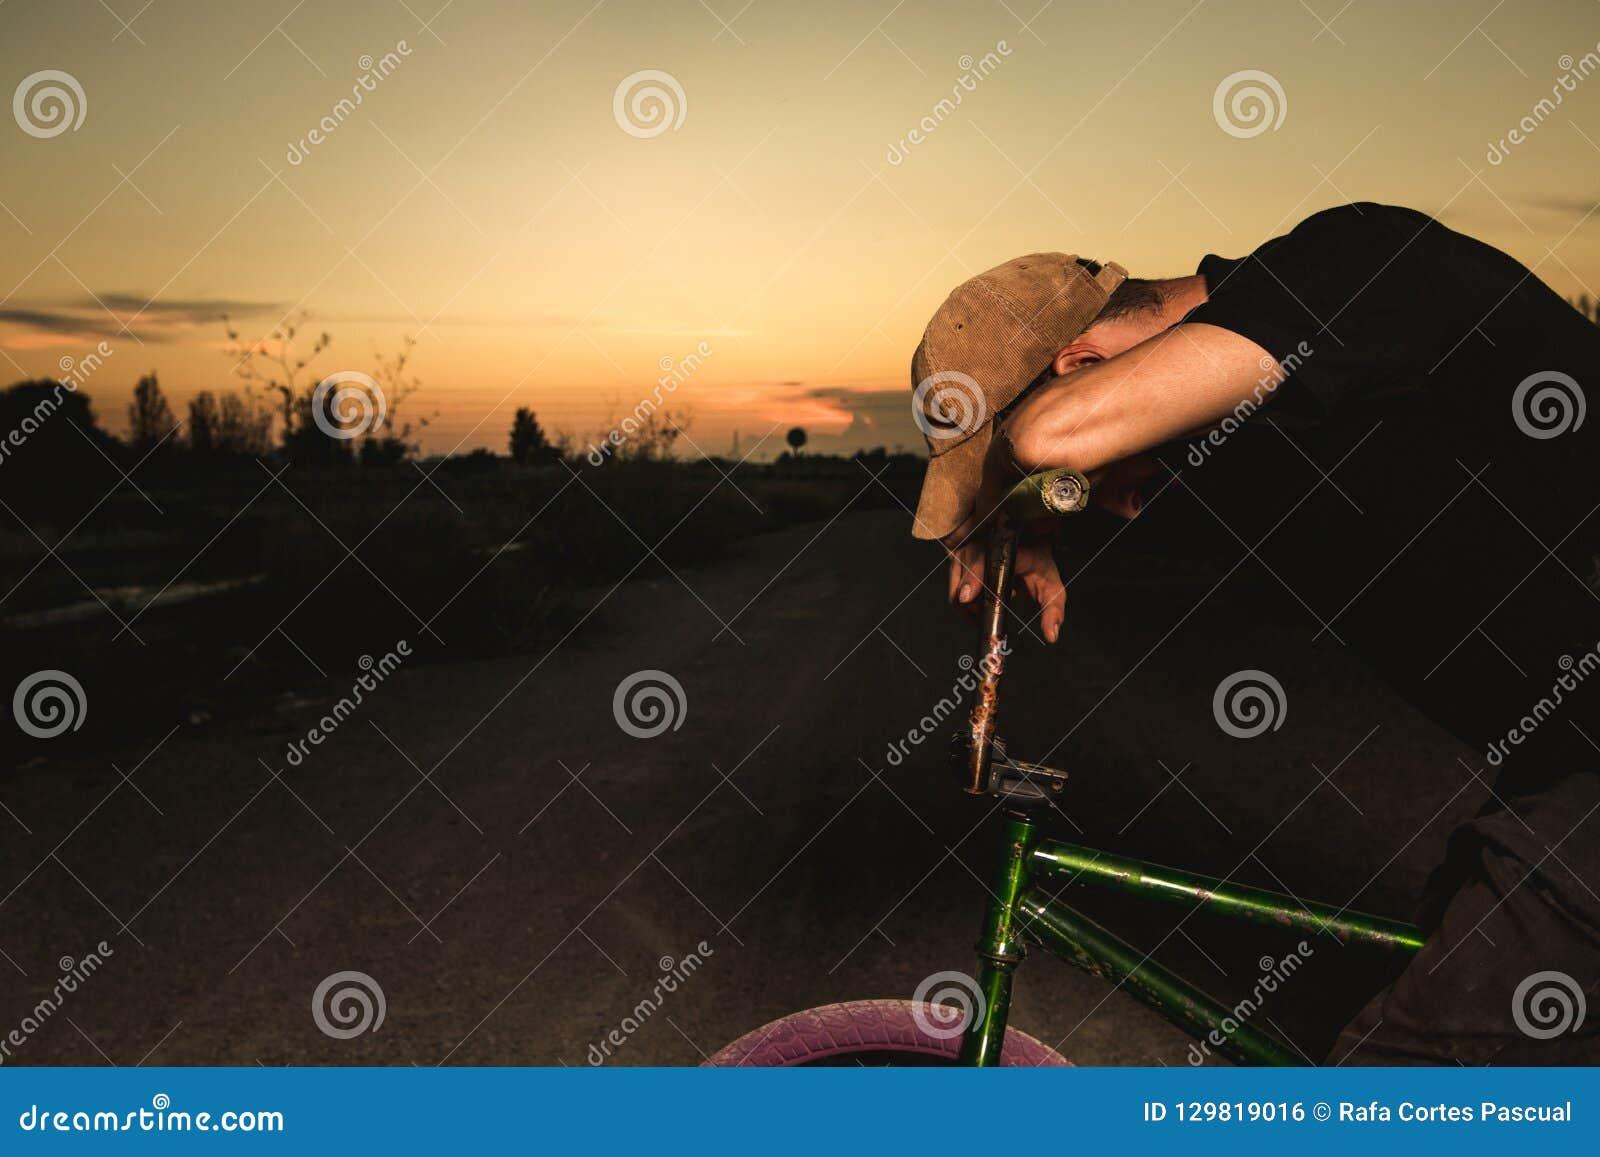 Junger Mann stehendes bmx Fahrrad BMX-Reiter mit und ein Sonnenuntergang